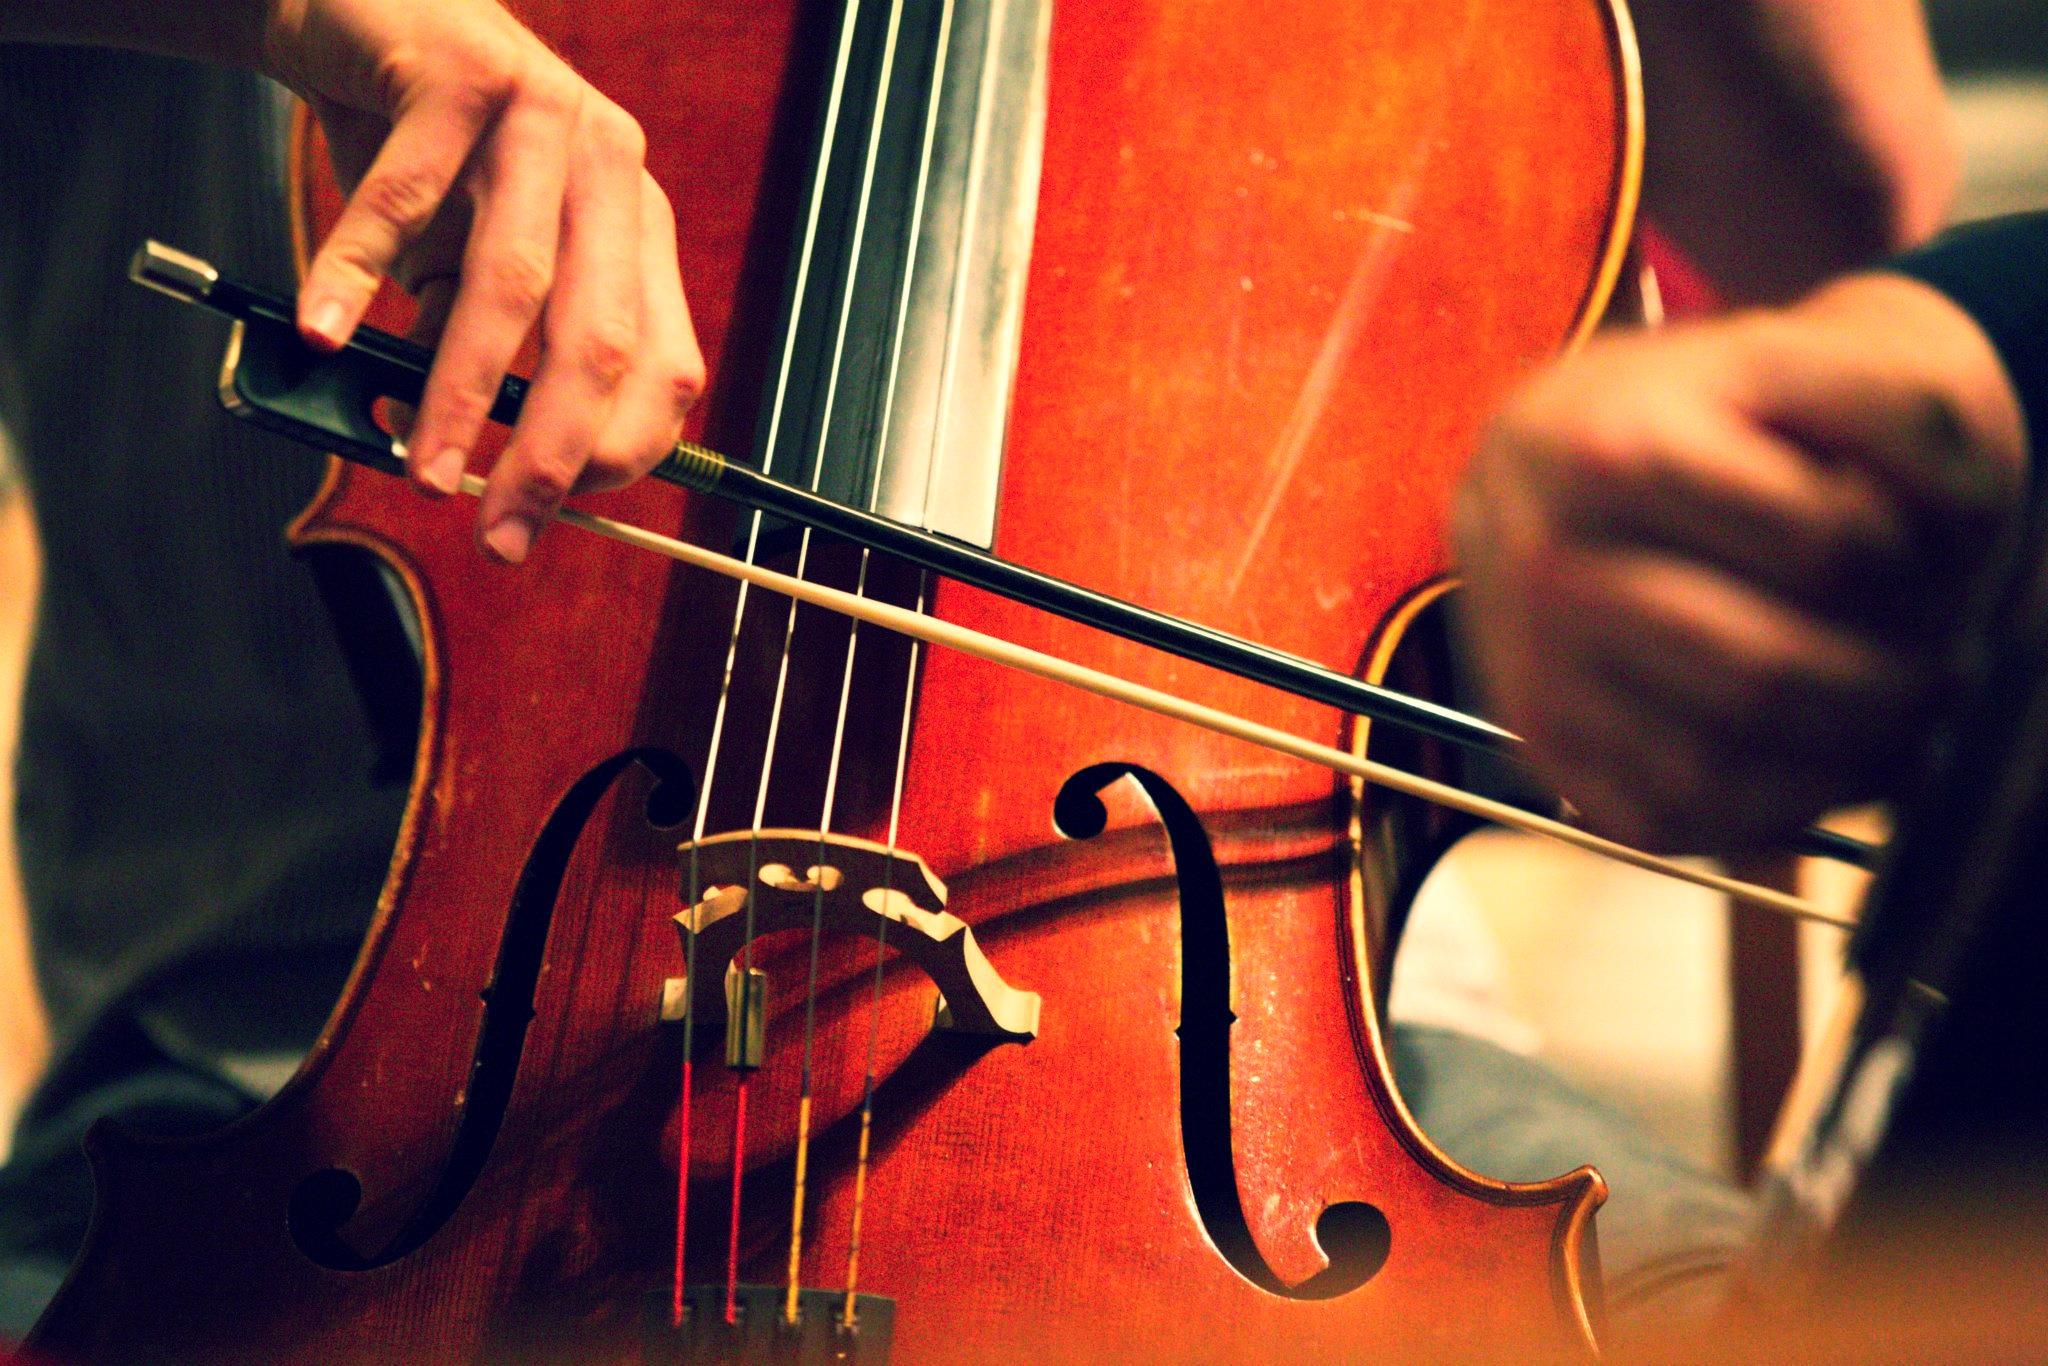 Nathaniel on cello